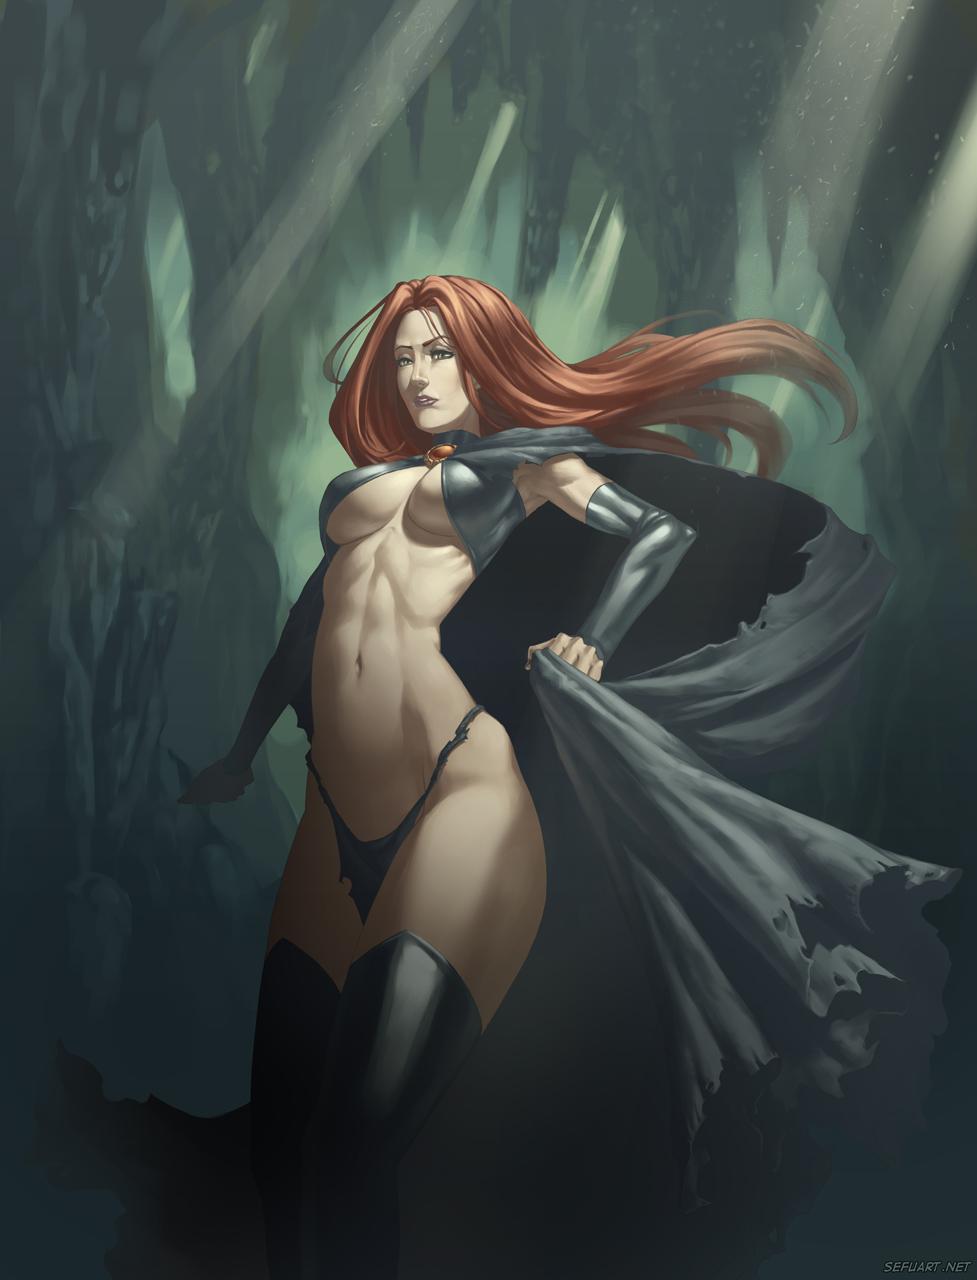 http://fc06.deviantart.net/fs49/f/2009/154/e/e/Goblin_Queen_by_Speeh.jpg